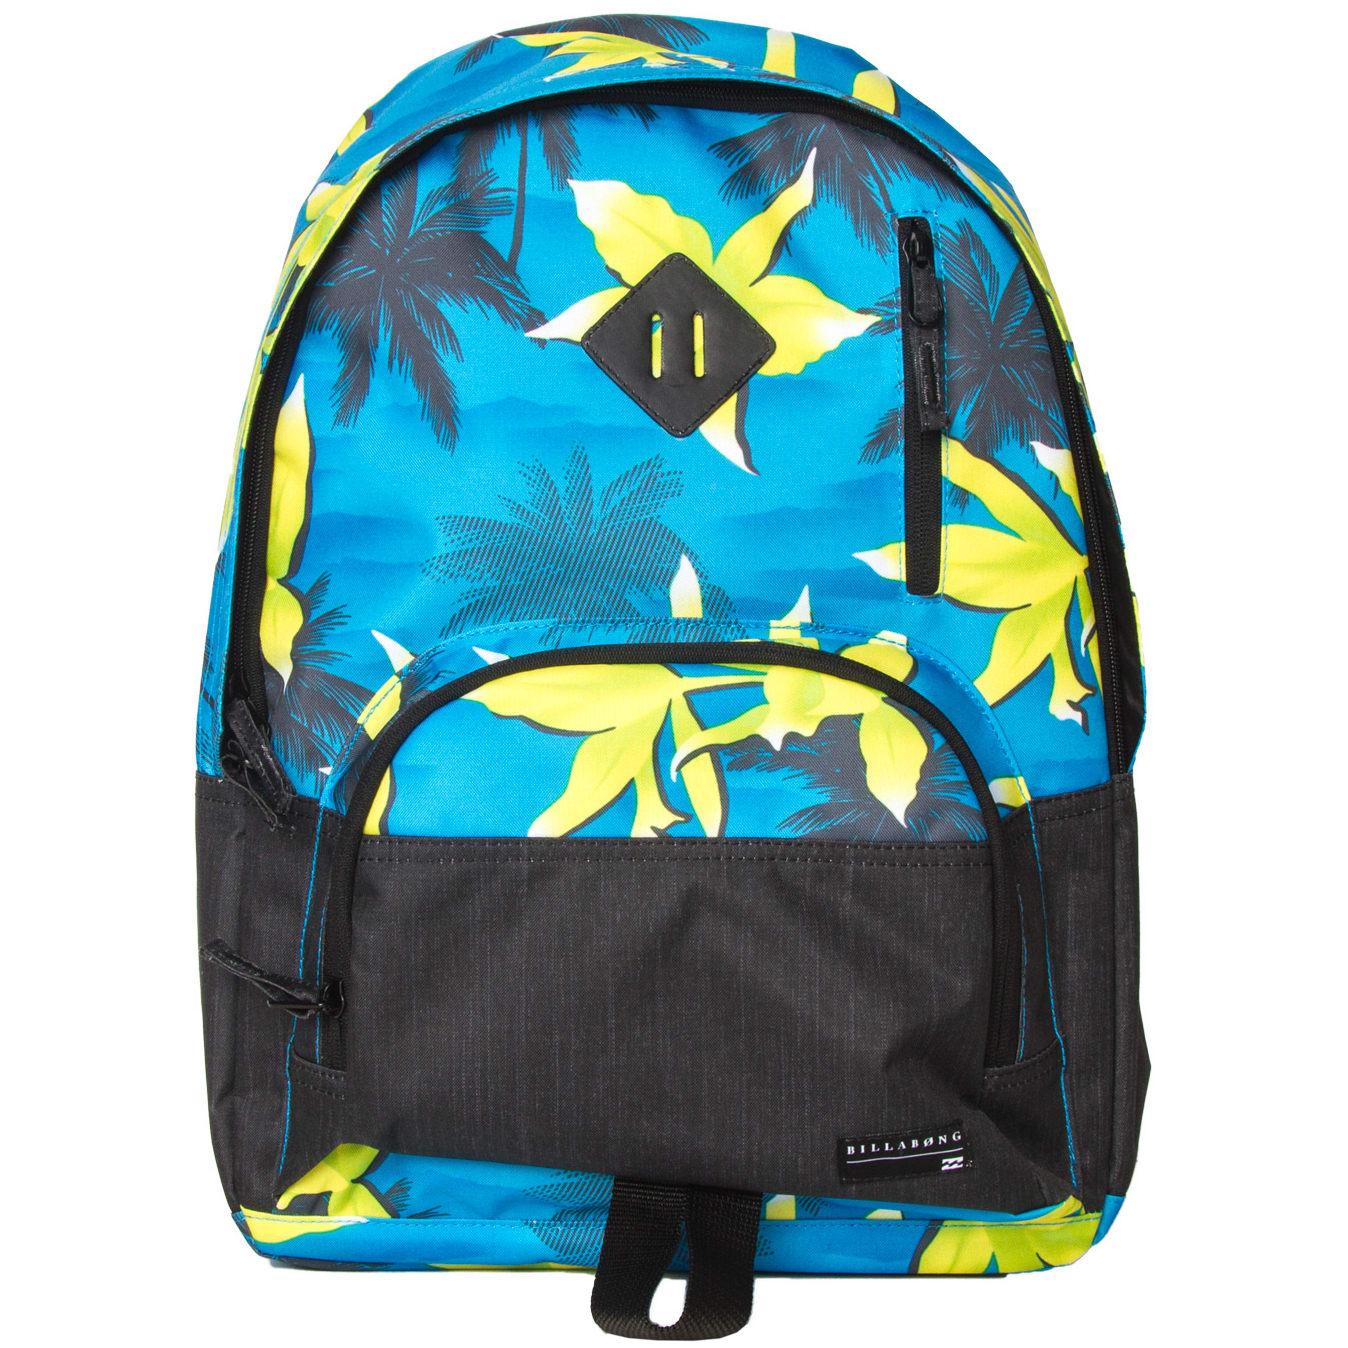 Image of Billabong Atom Backpack